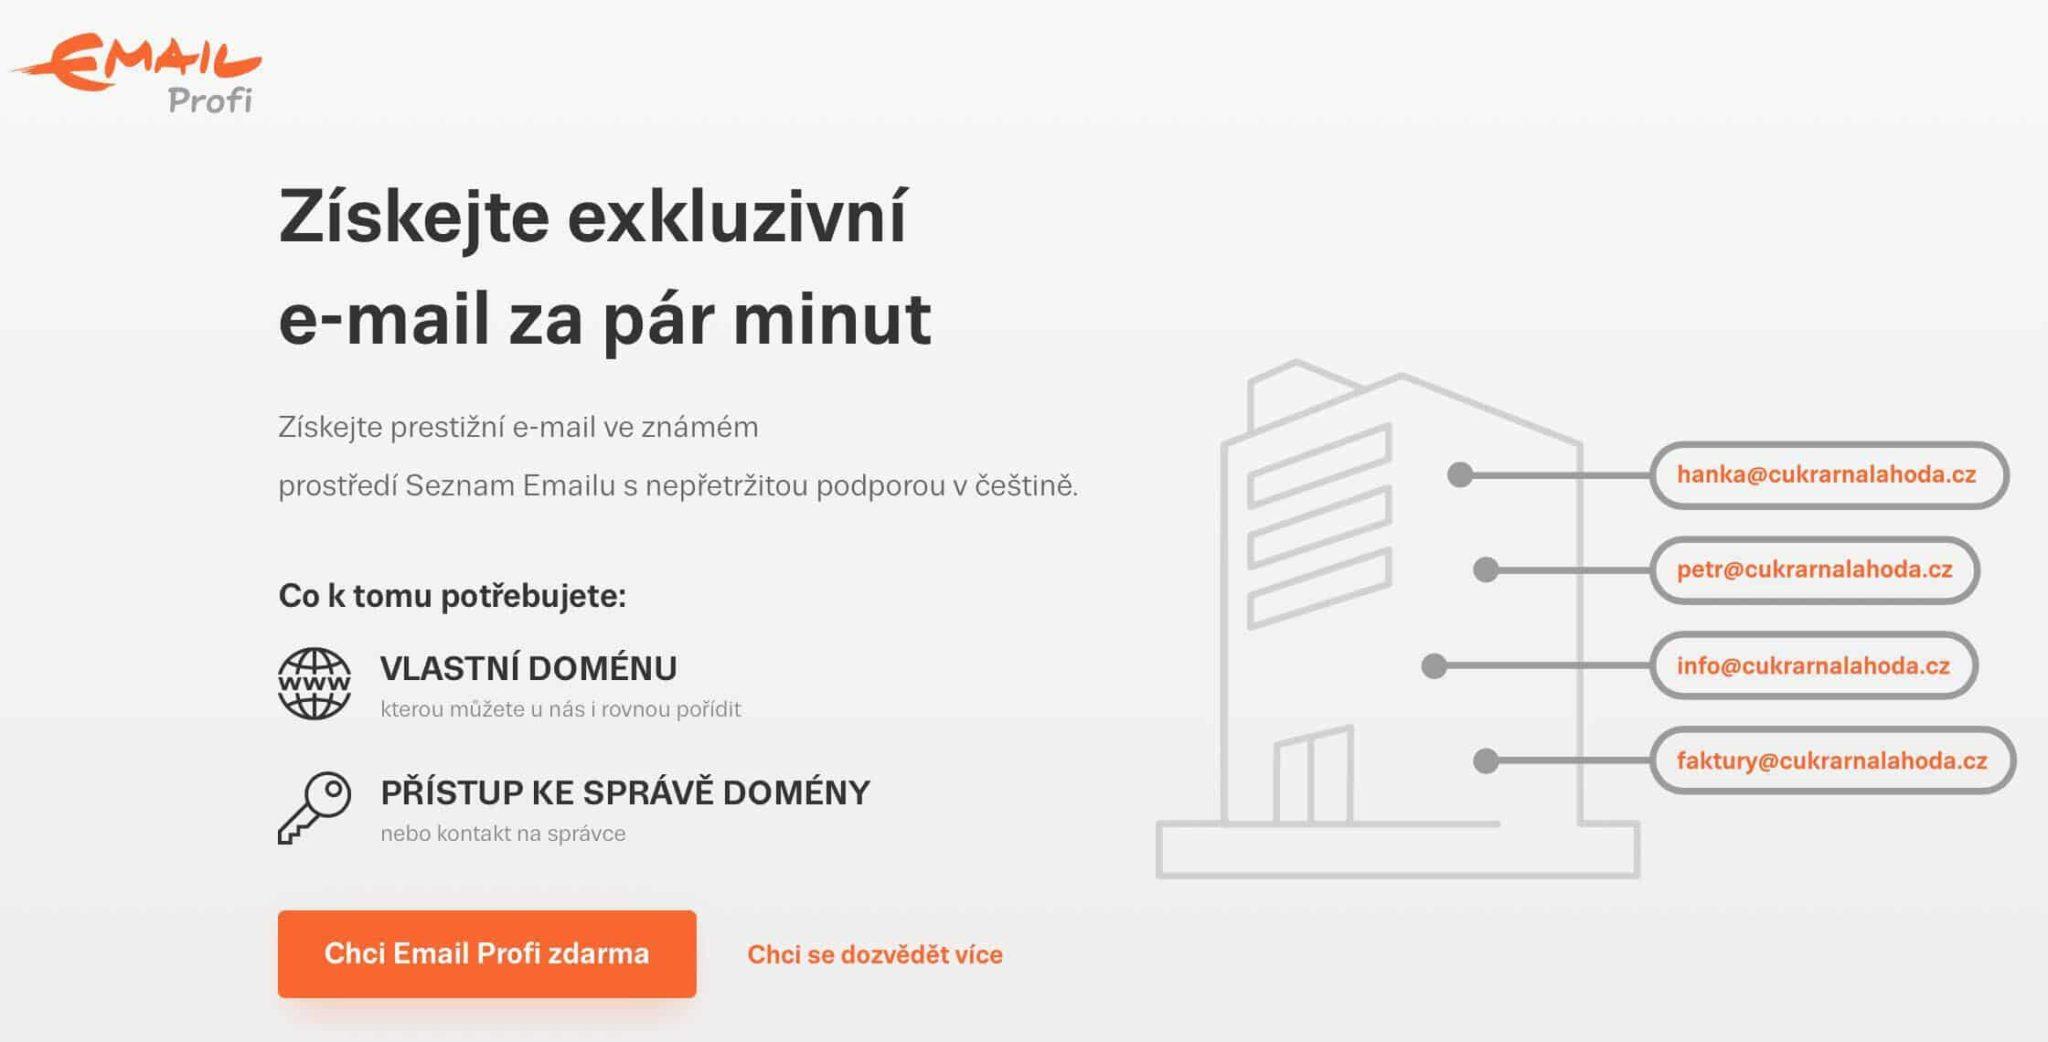 Seznam.cz nabízí i službu Email Profi